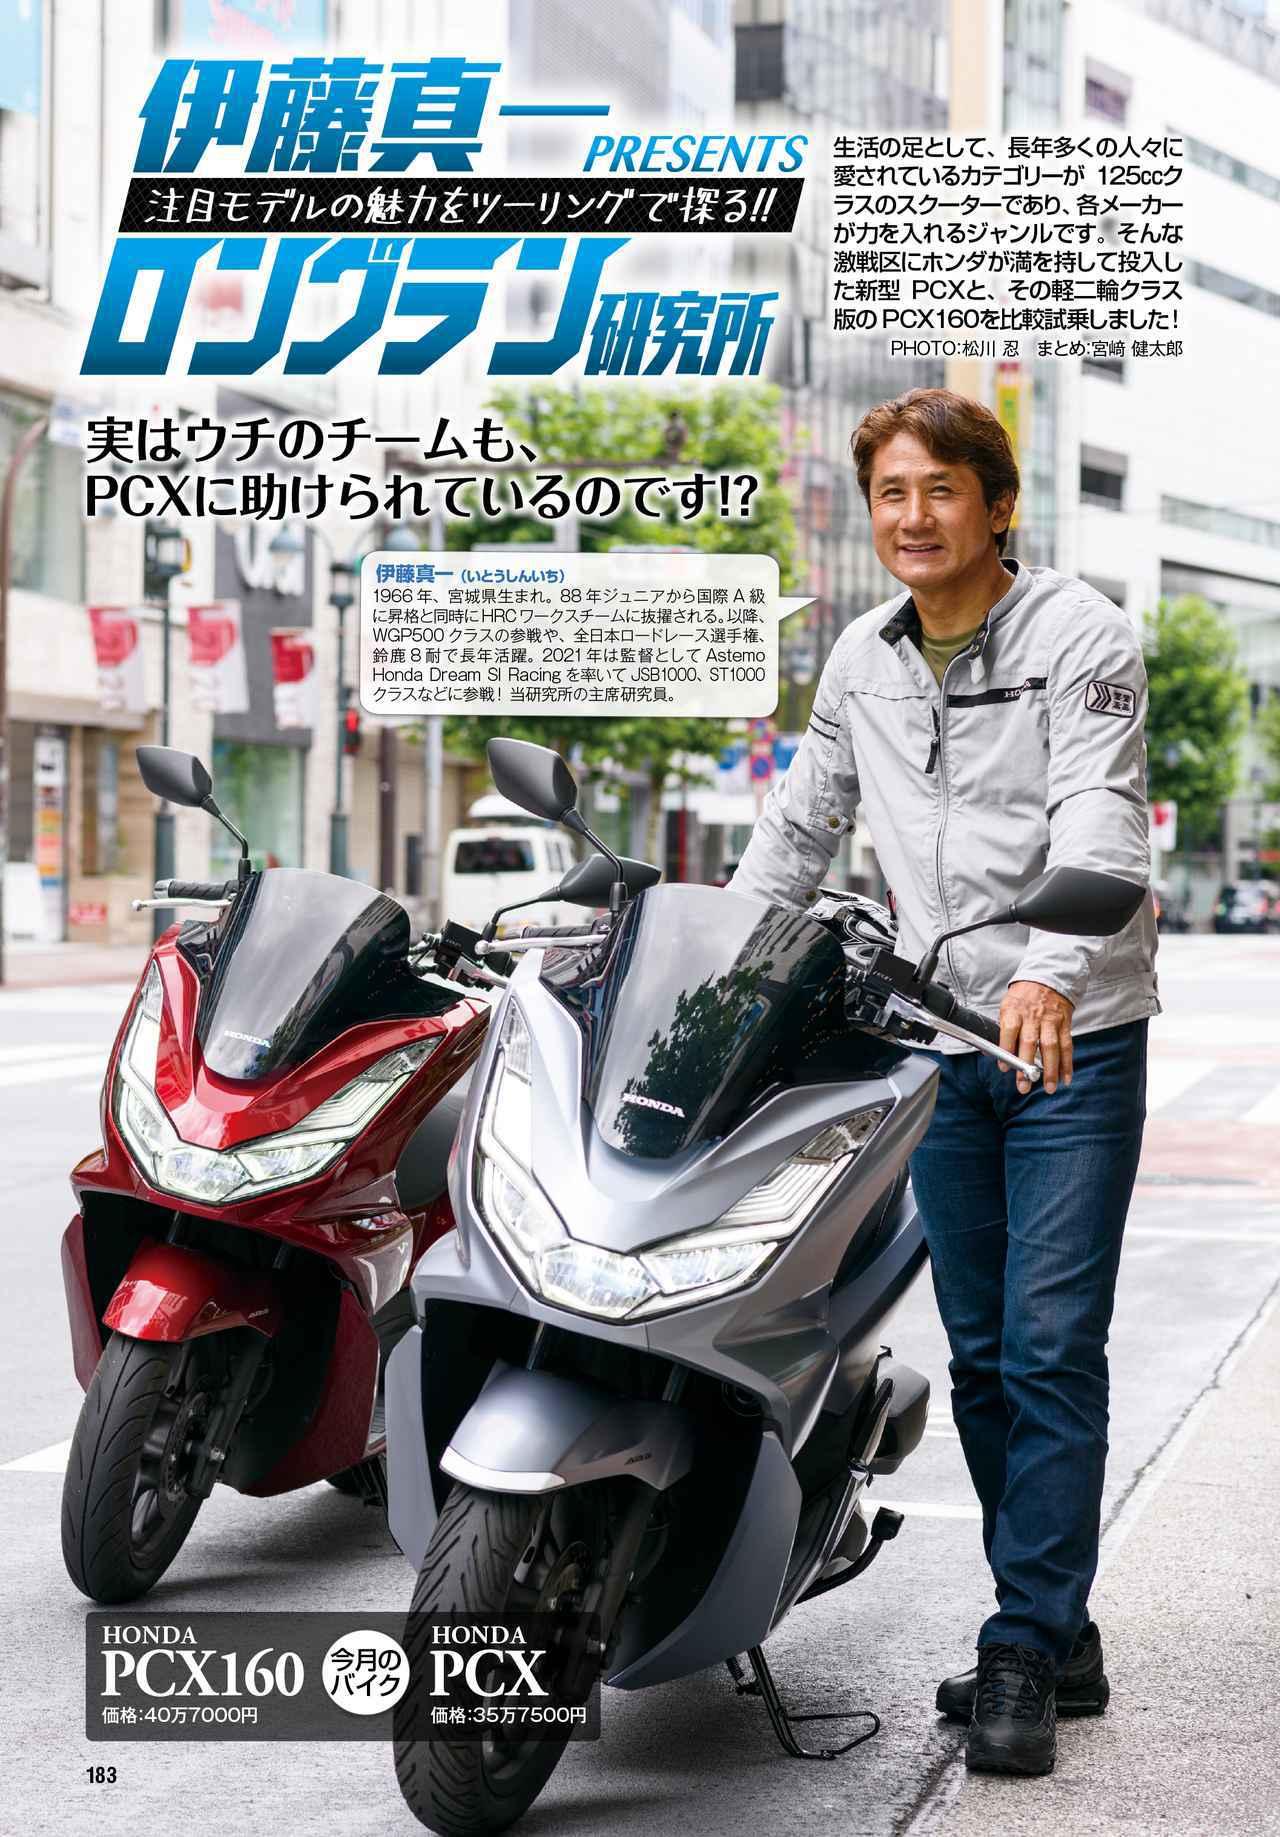 画像5: 月刊『オートバイ』11月号はスクープ情報&新型車速報が盛りだくさん!「RIDE」とセットで2021年10月1日に発売